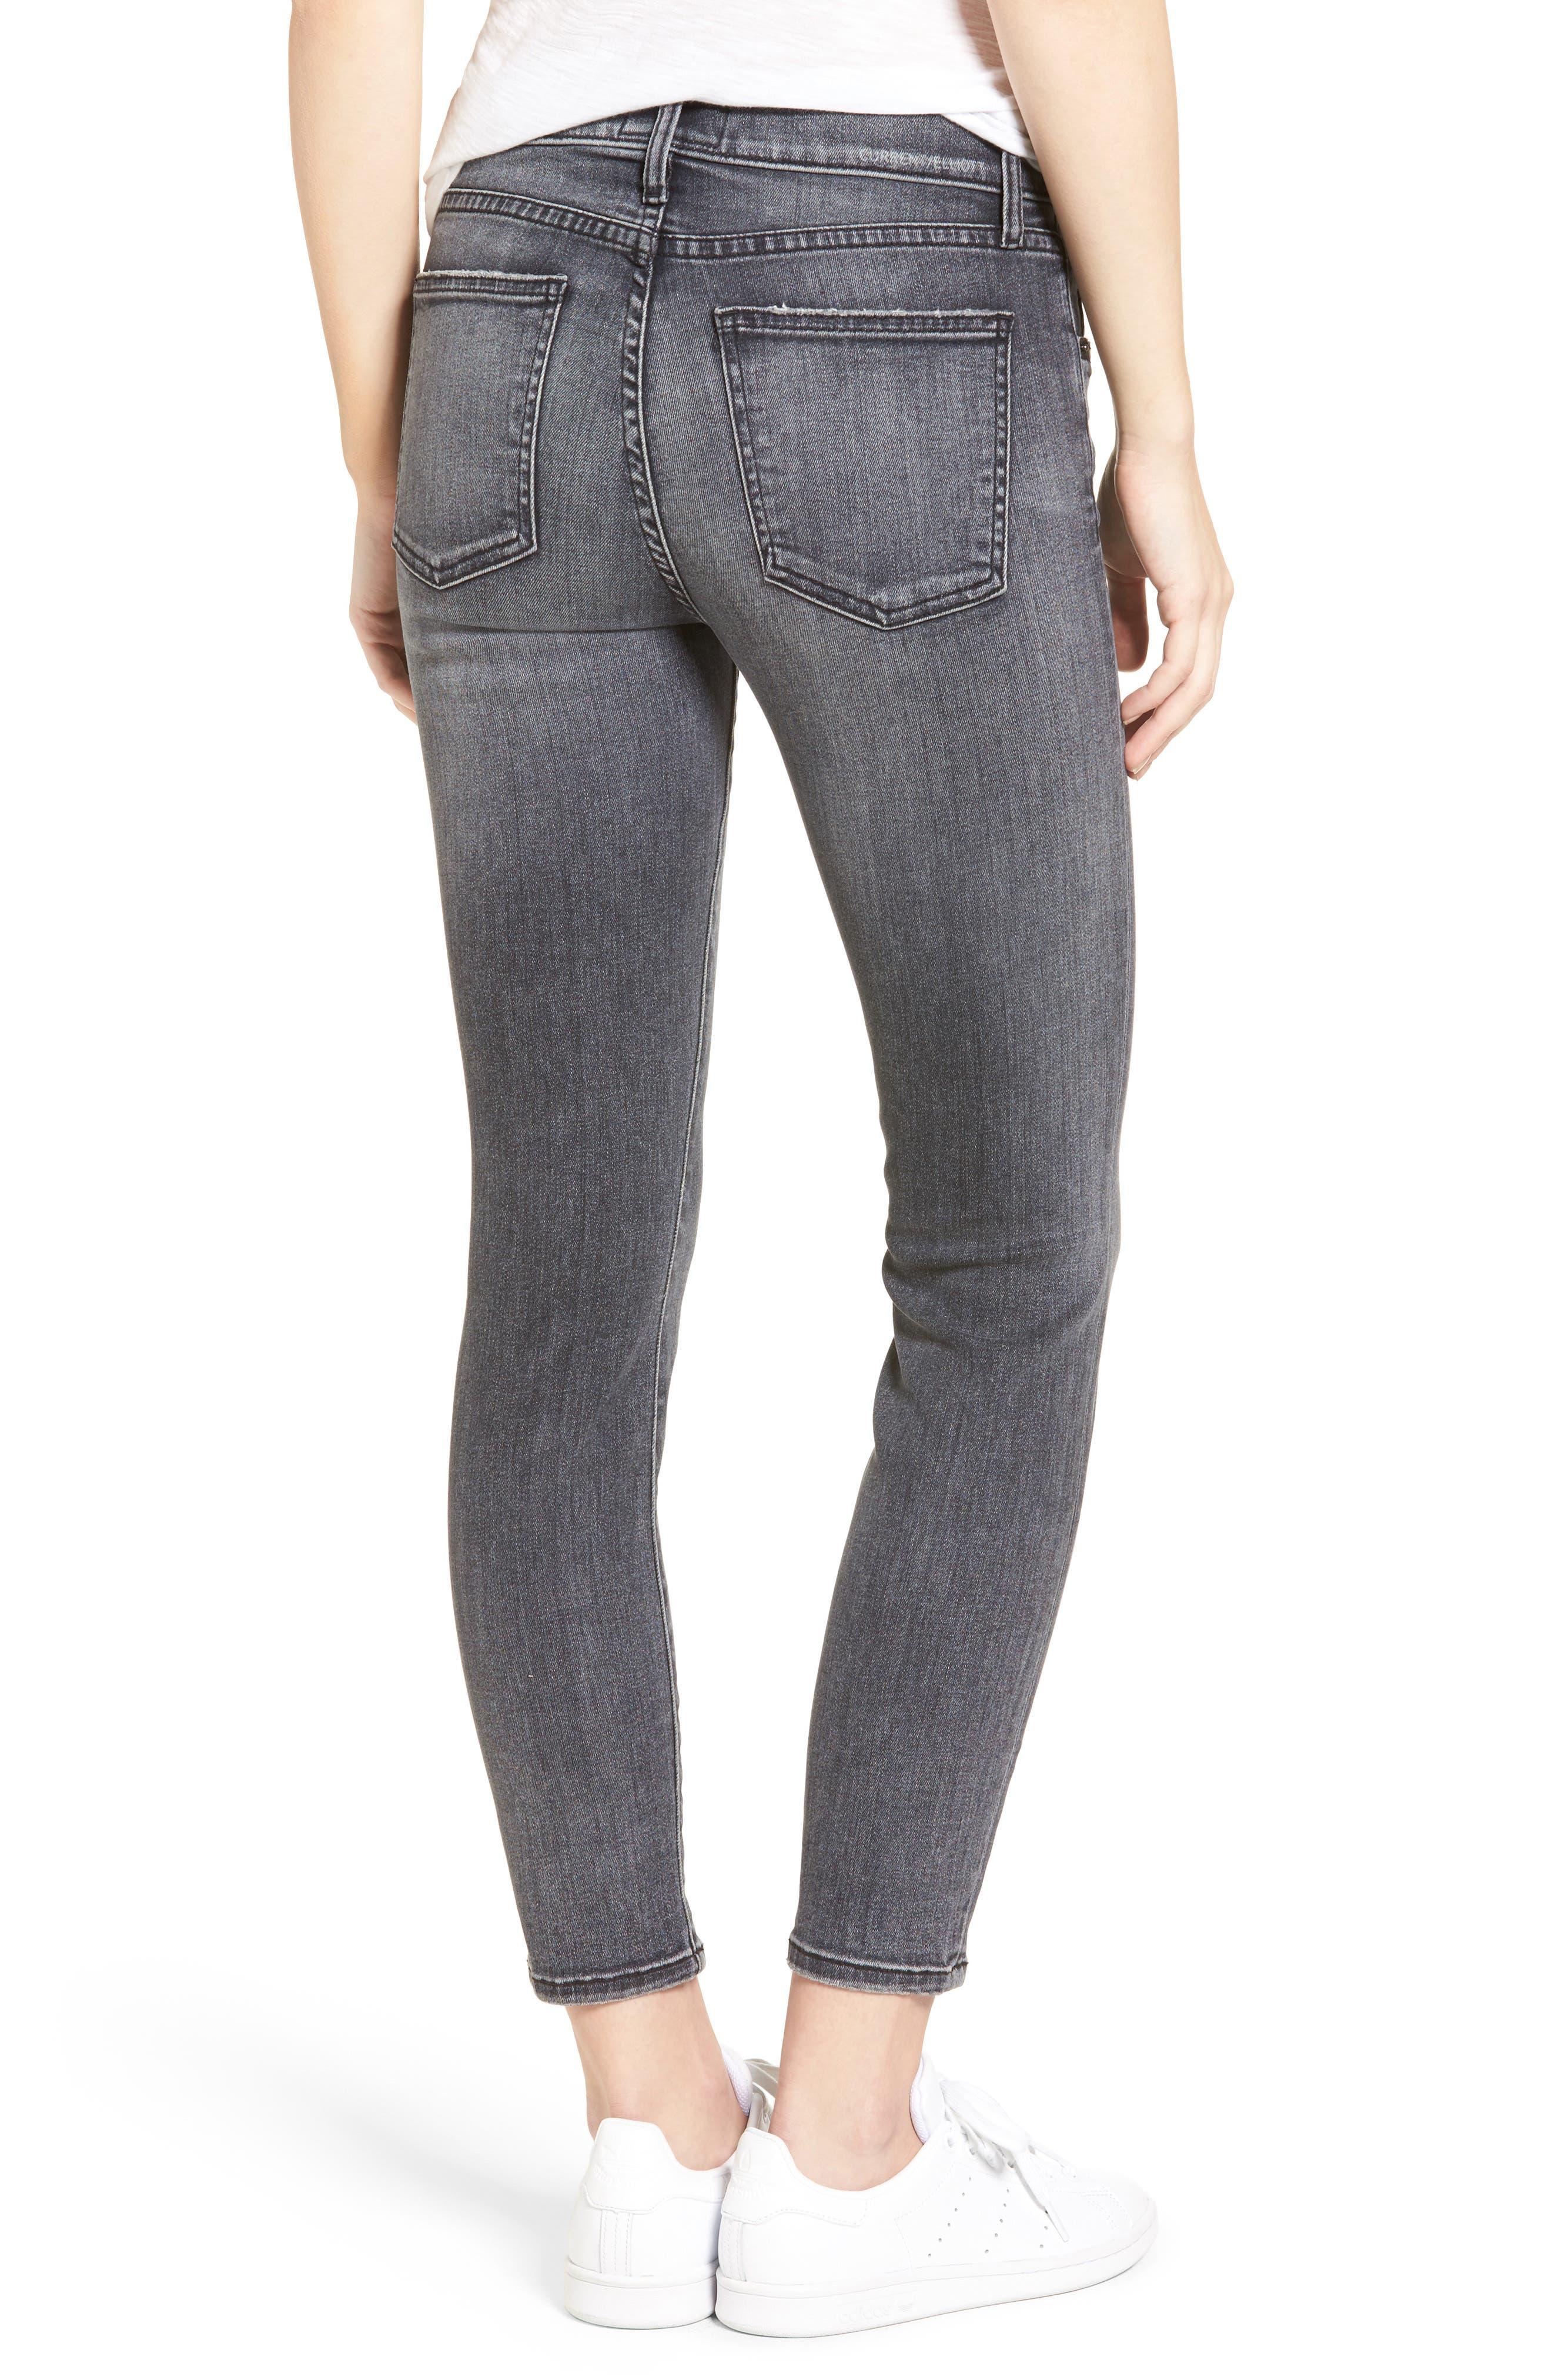 Alternate Image 2  - Current/Elliott The High Waist Stiletto Ankle Skinny Jeans (Everett)